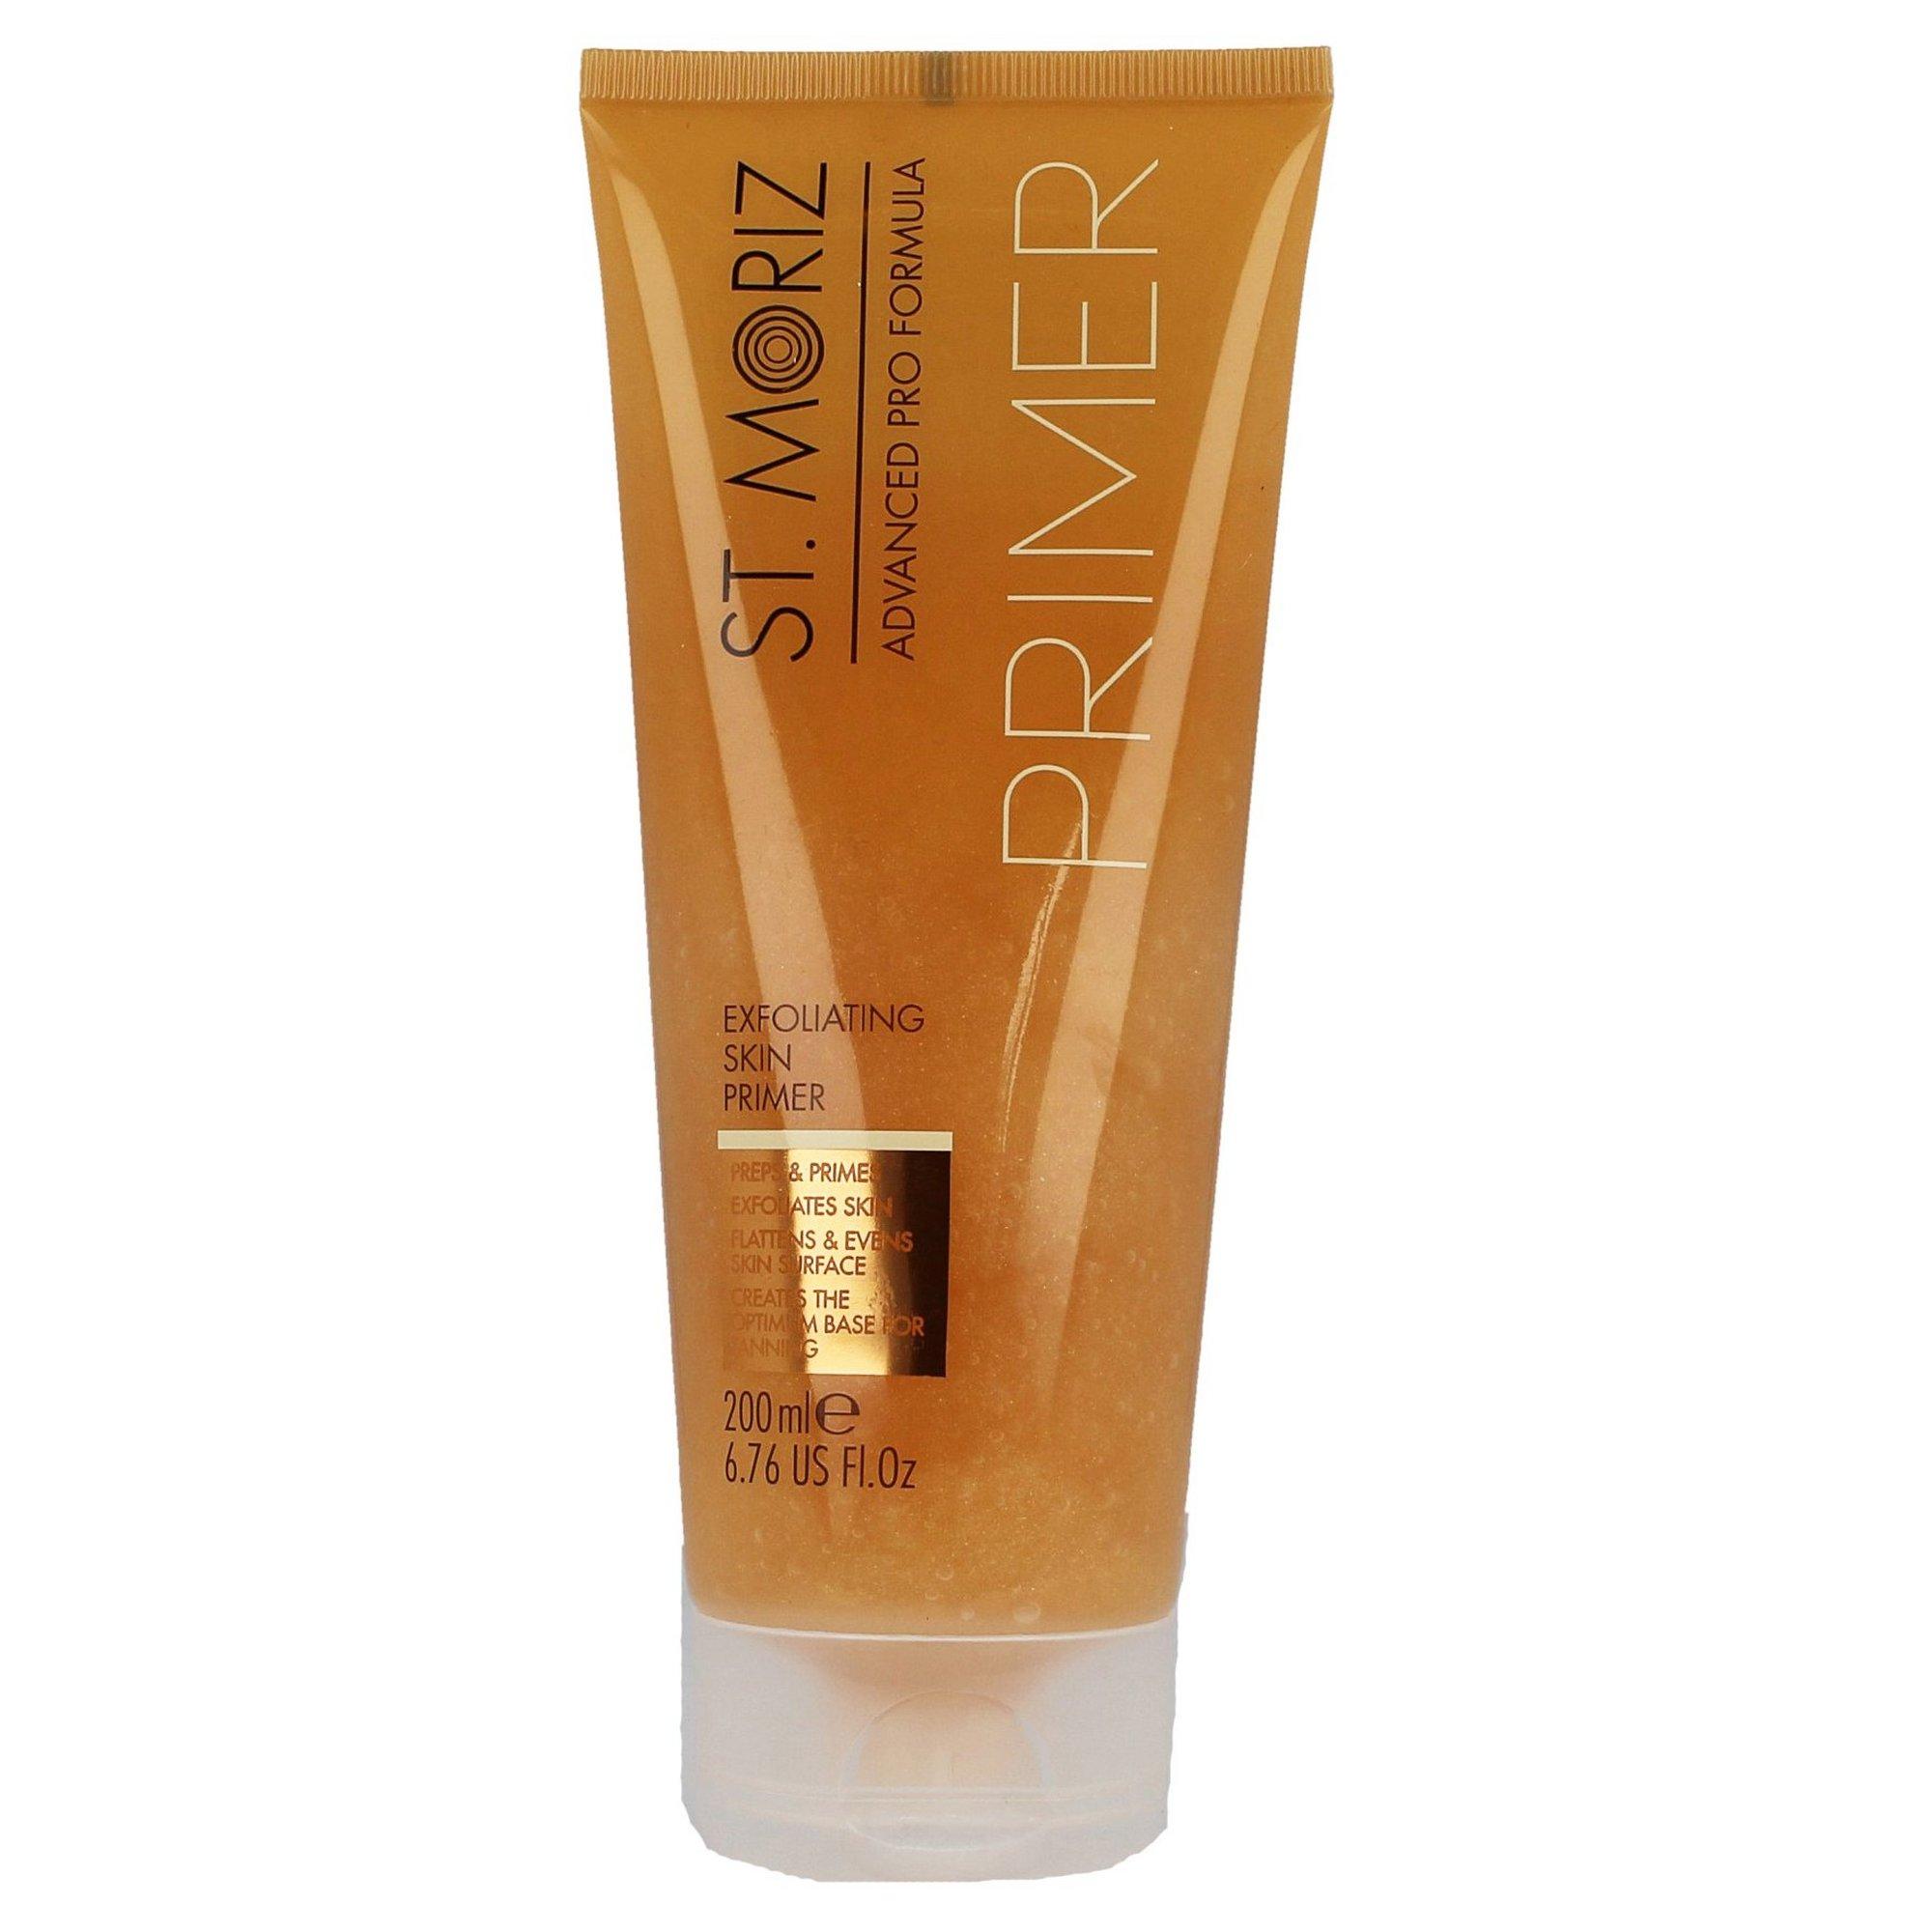 Image of St Moriz Advanced Pro Skin Primer